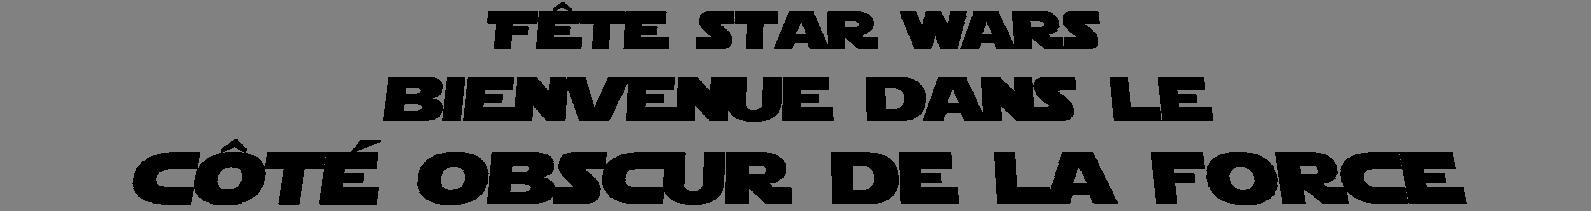 Fete Star Wars Idees Decoration Deguisements Pour Une Fete D Anniversaire D Une Autre Galaxie